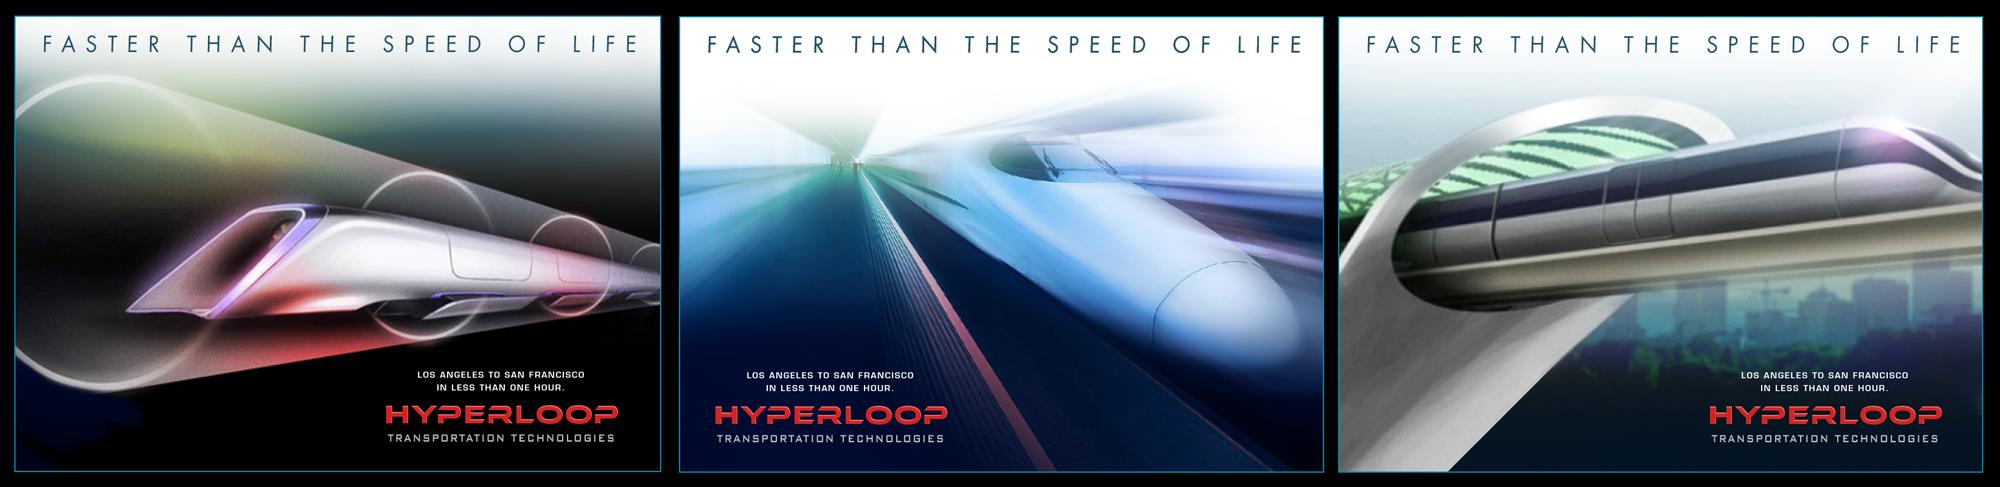 Arism_Hyperloop_ConceptSeries.png